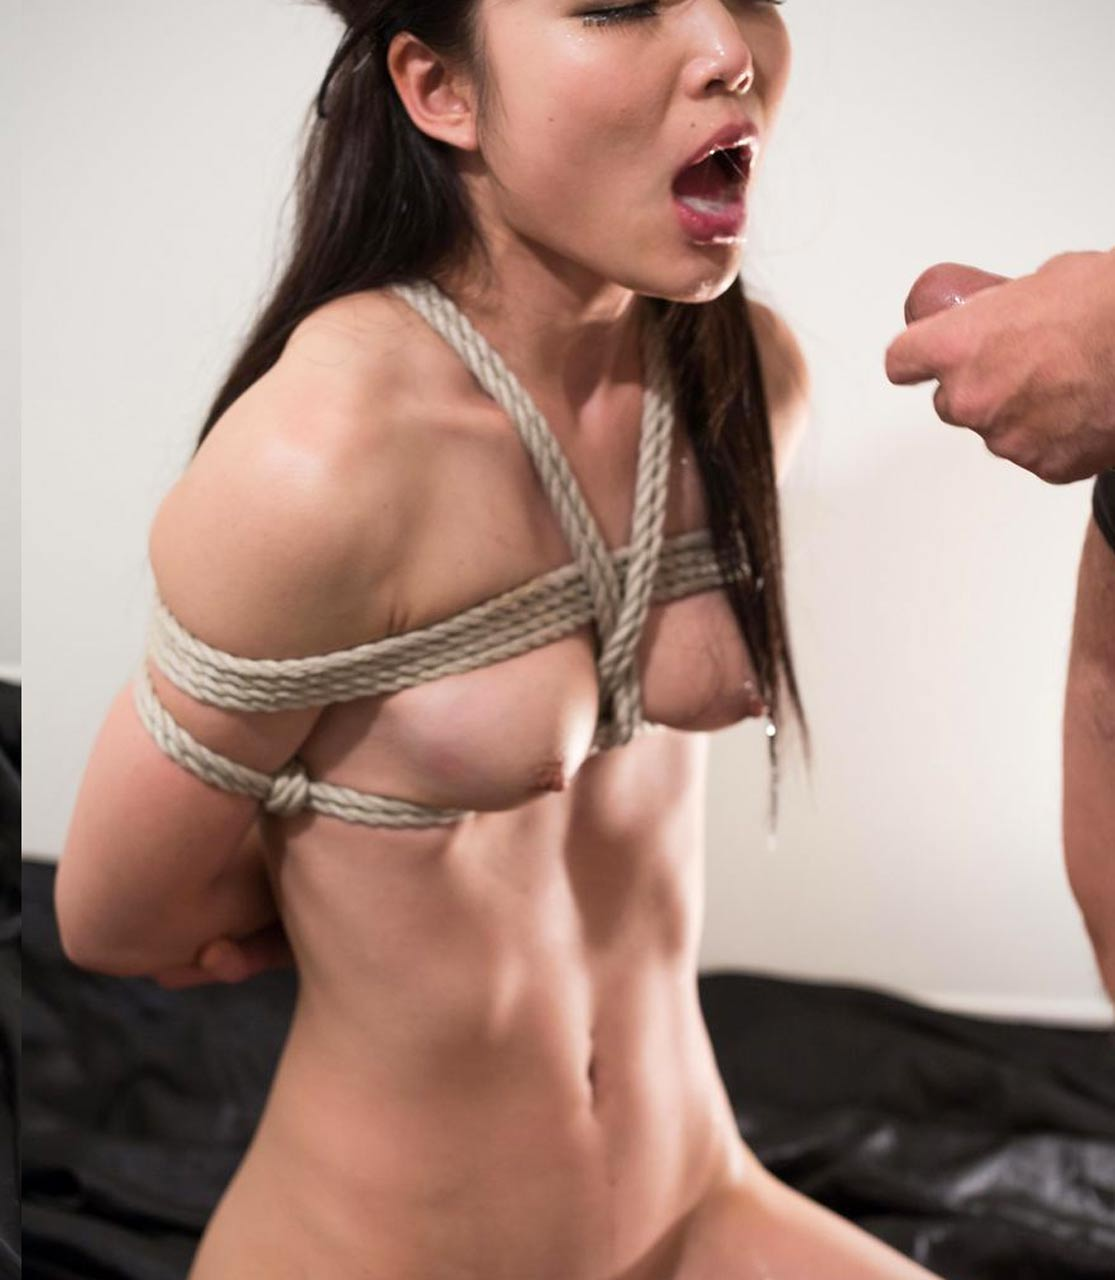 Shino Aoi, nude and bound as a sex slave at Tokyo Face Fuck. Uncensored BDSM facial sex.